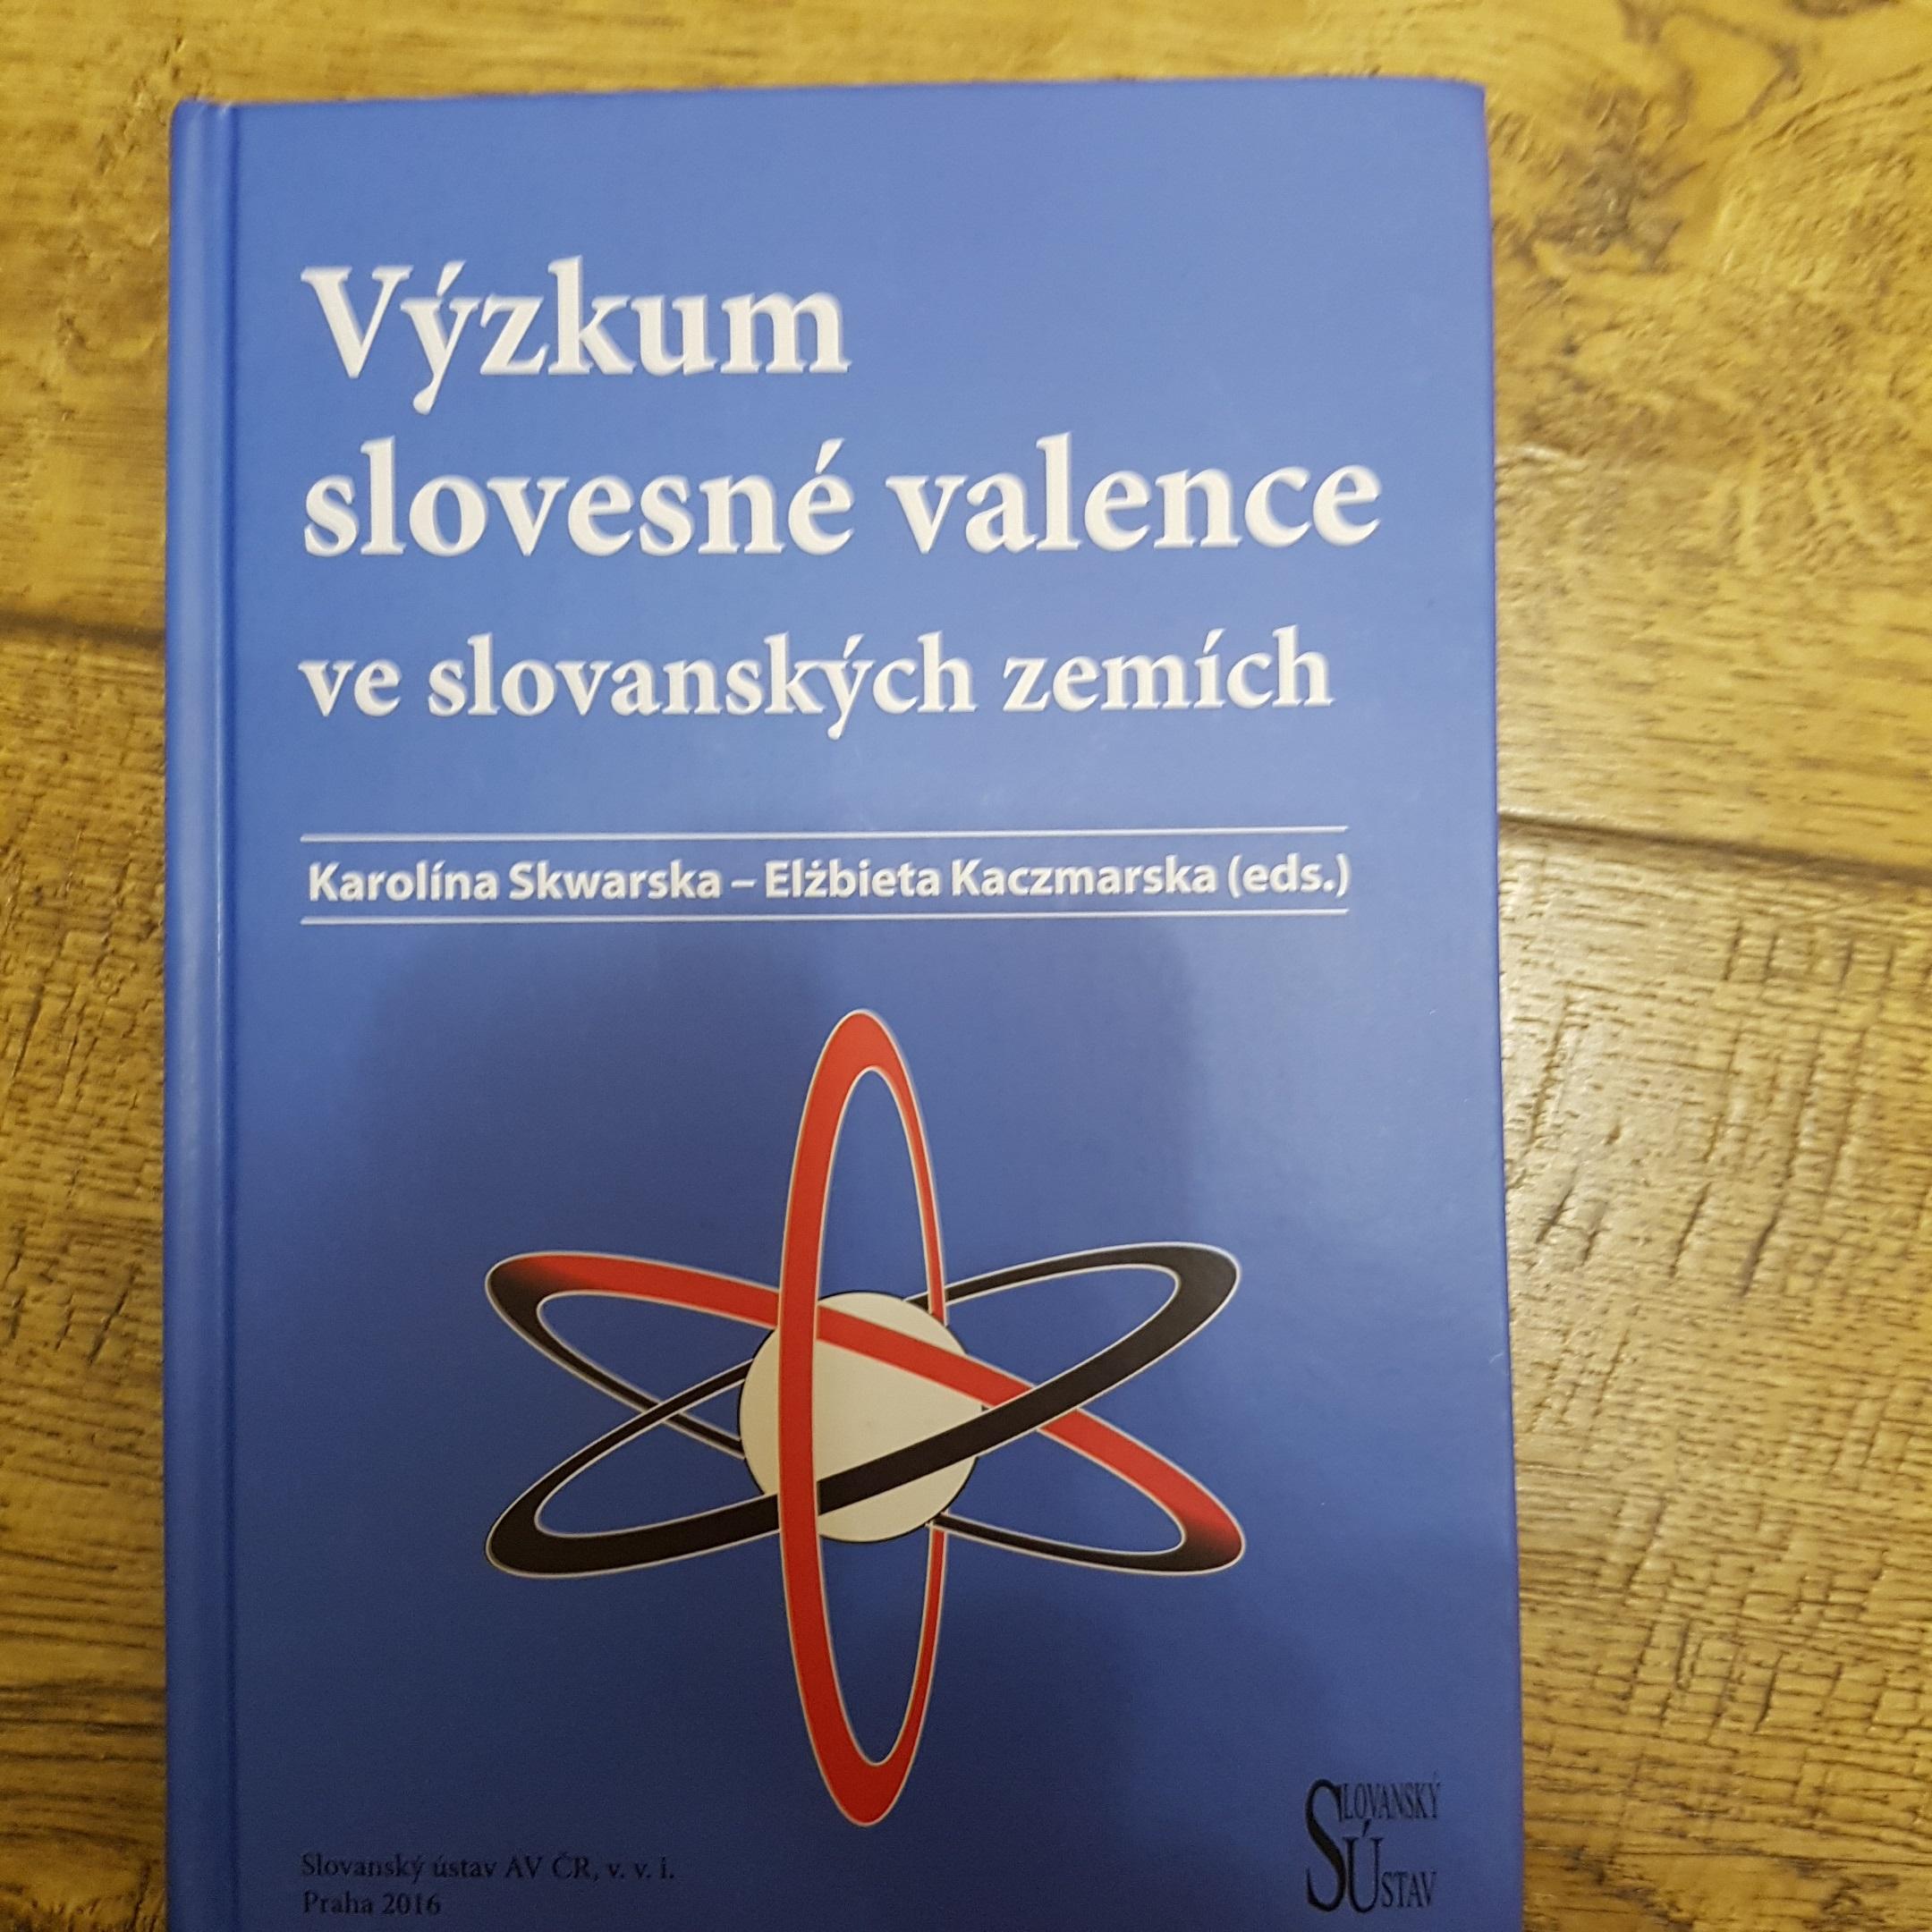 Vỳzkum slovesné valence ve slovanskỳch zémich